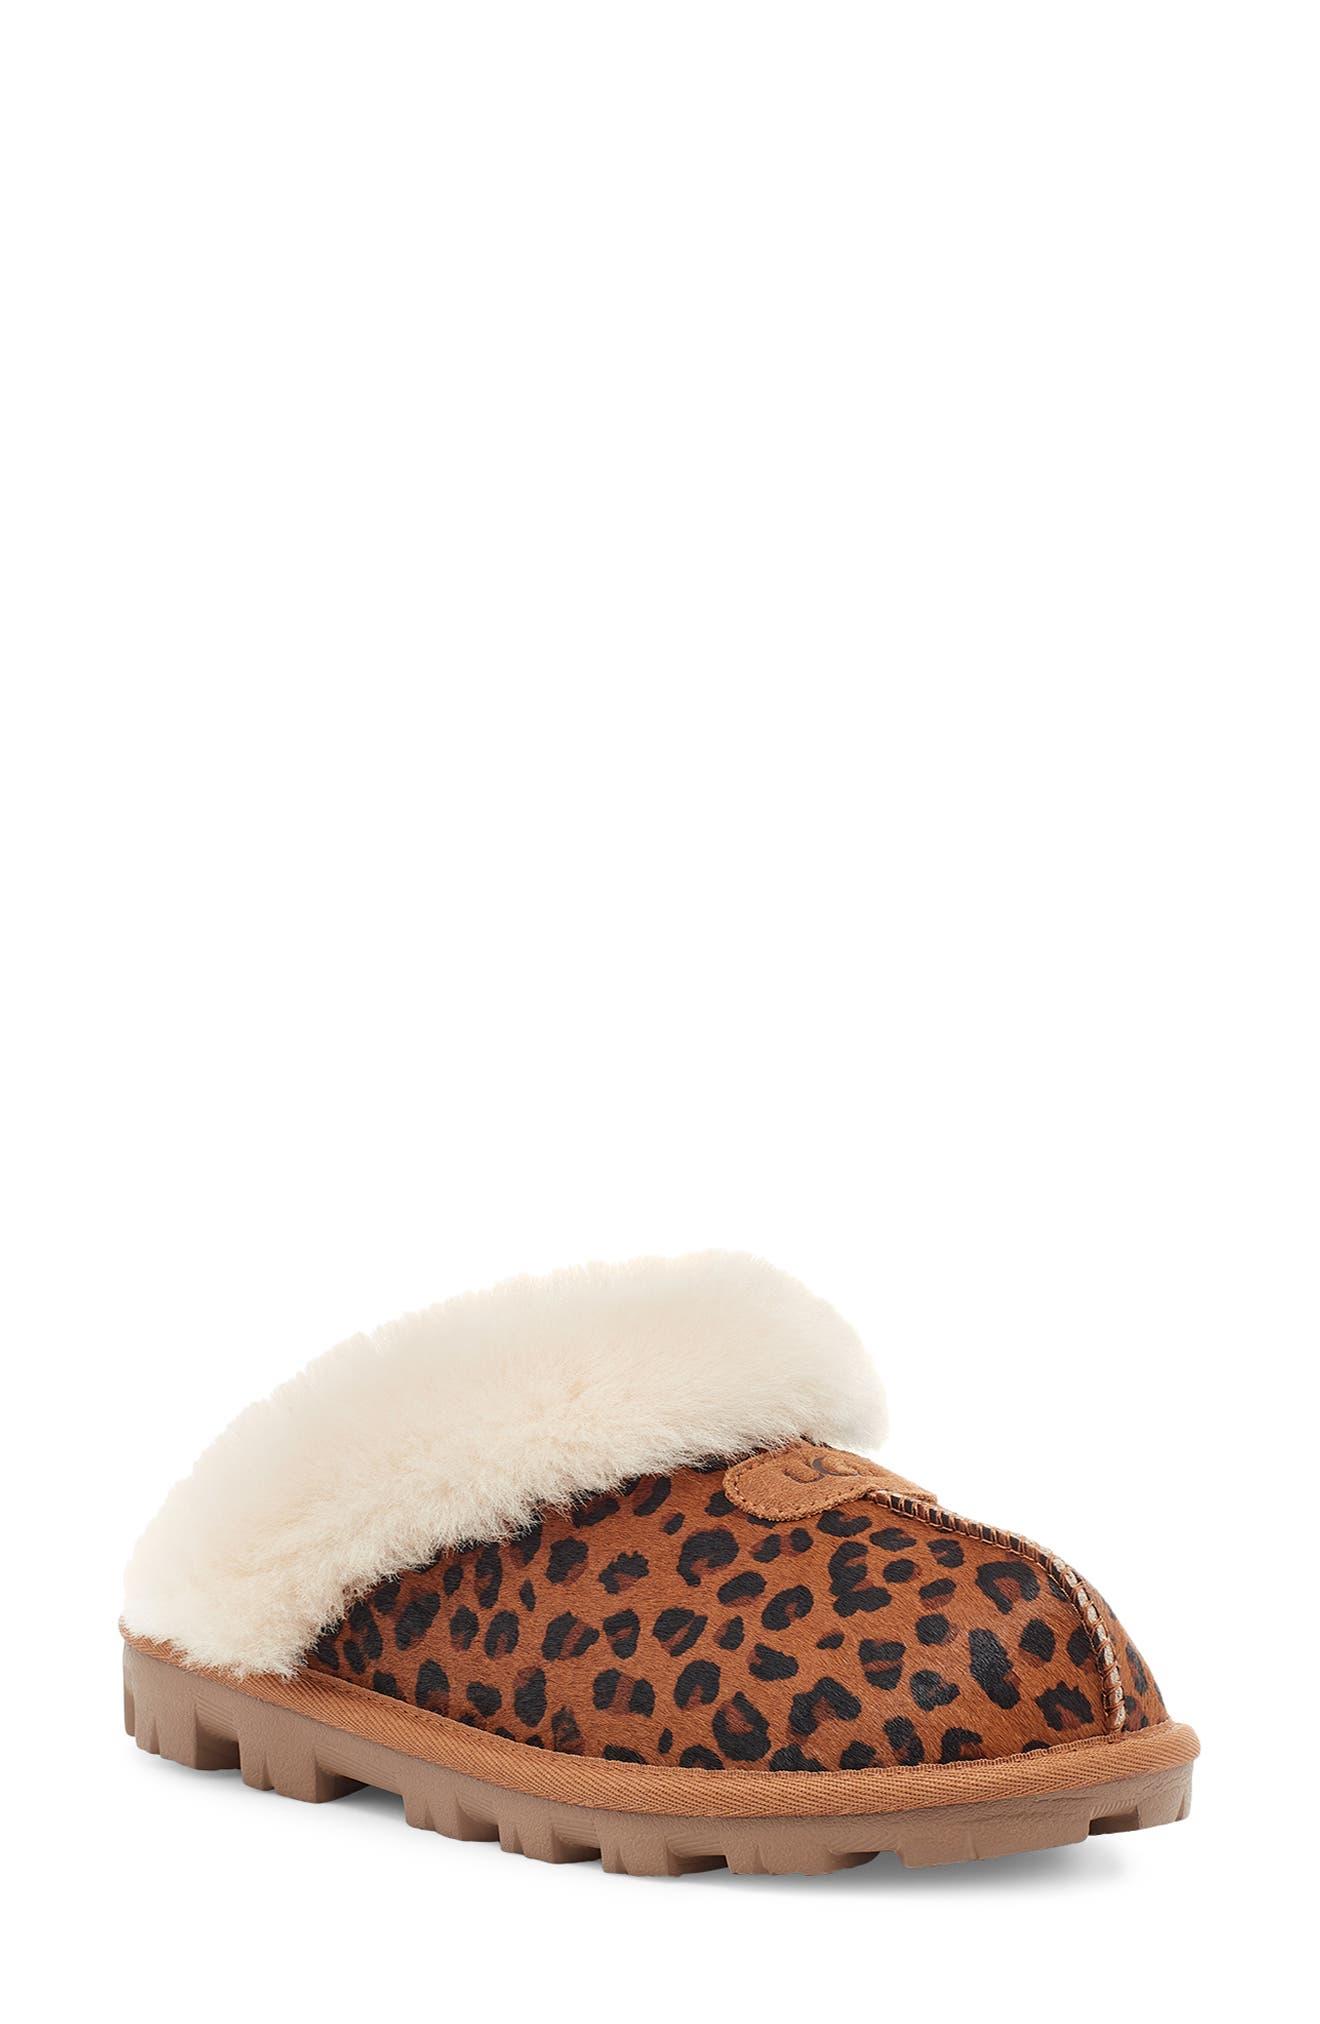 Women's Beige Comfort Slippers | Nordstrom